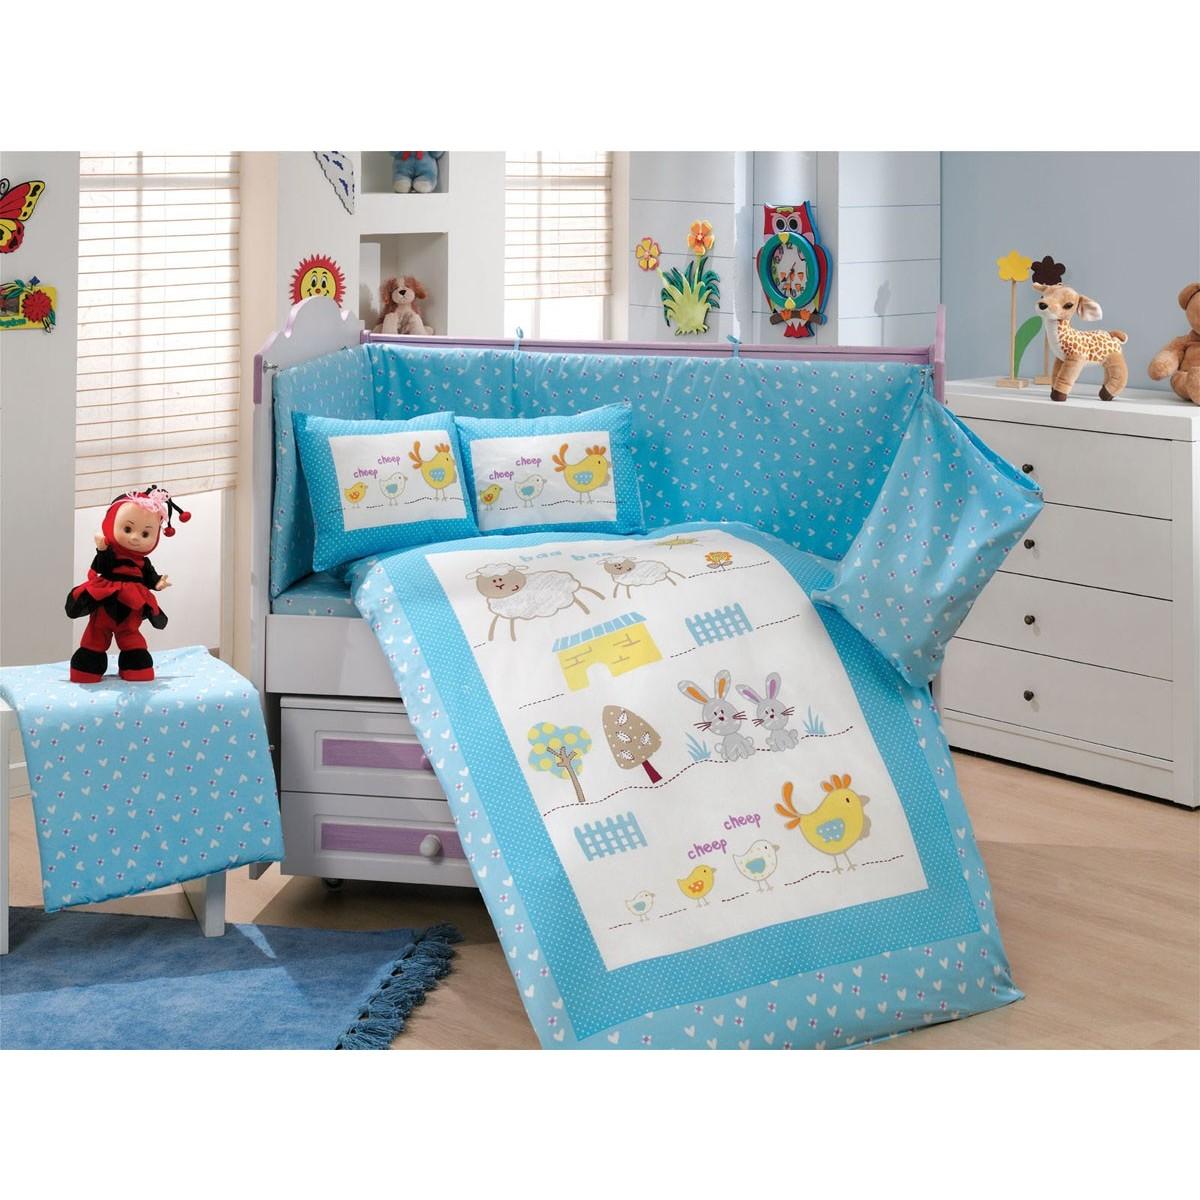 Комплект Постельного Белья В Кроватку Hobby Home Collection Zoo 1501000017 Поплин